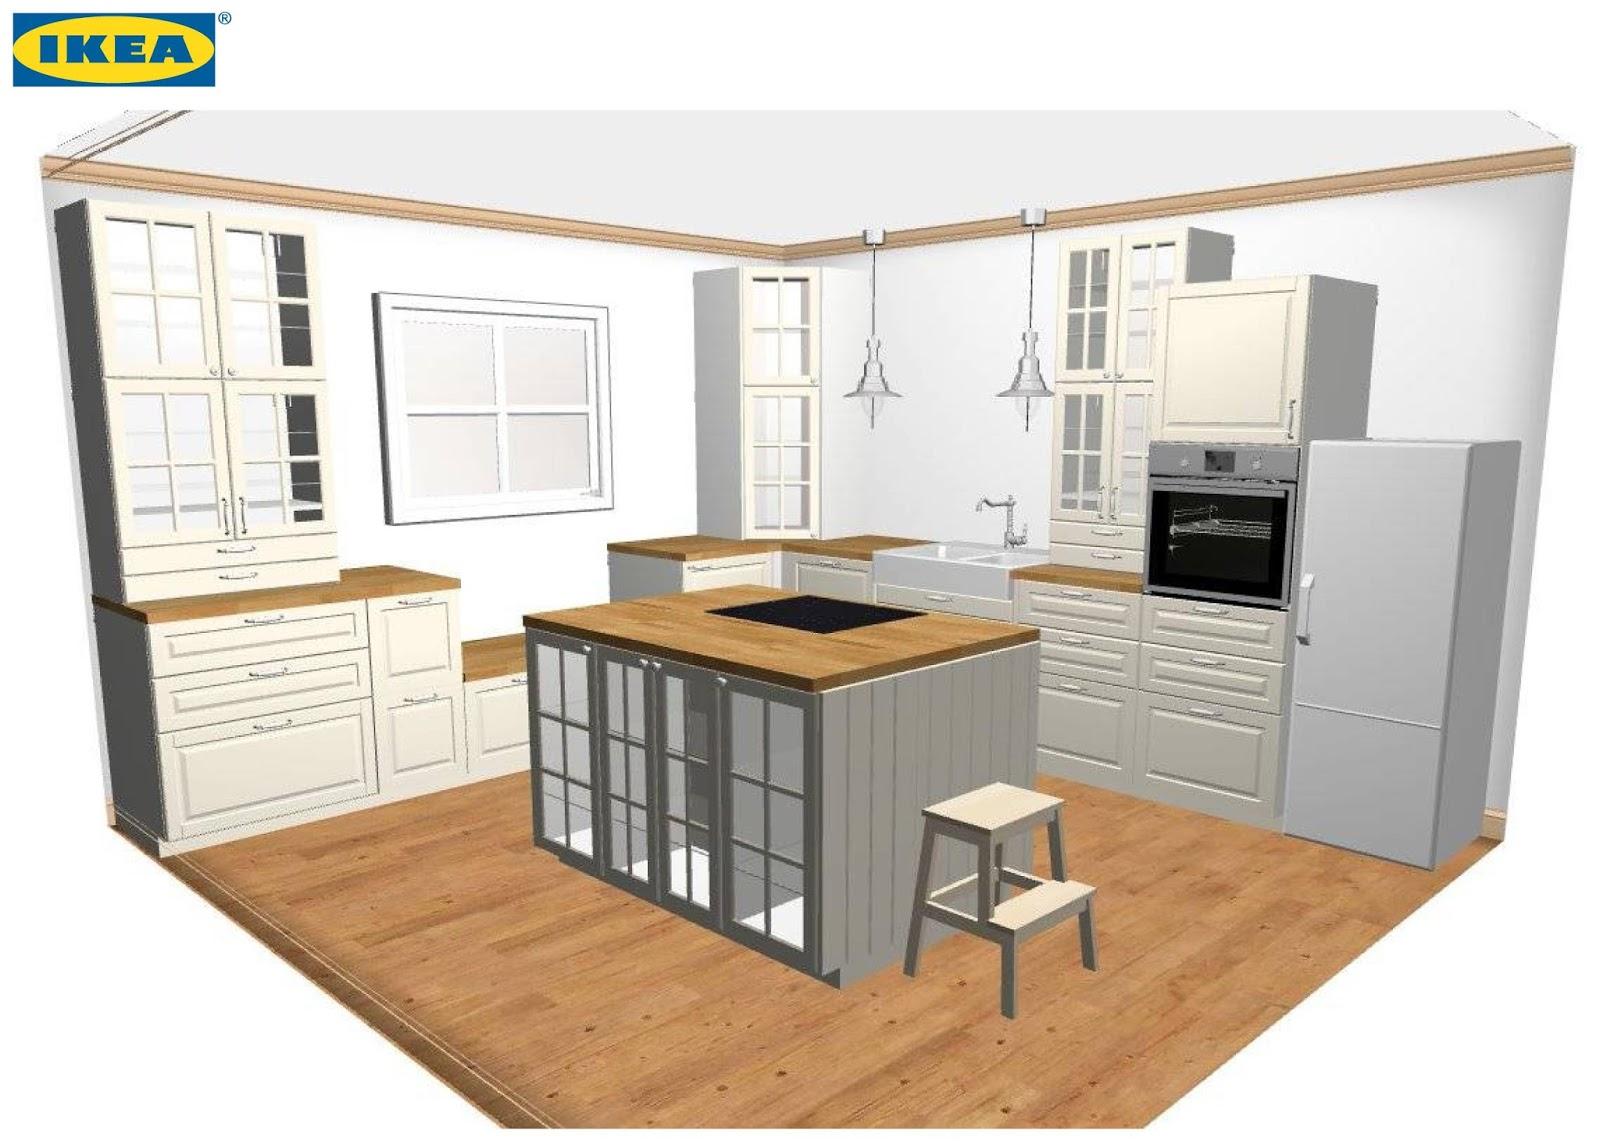 Herr Nilssons Hus : Unsere Küchenplanung und eine kleine spontane Idee